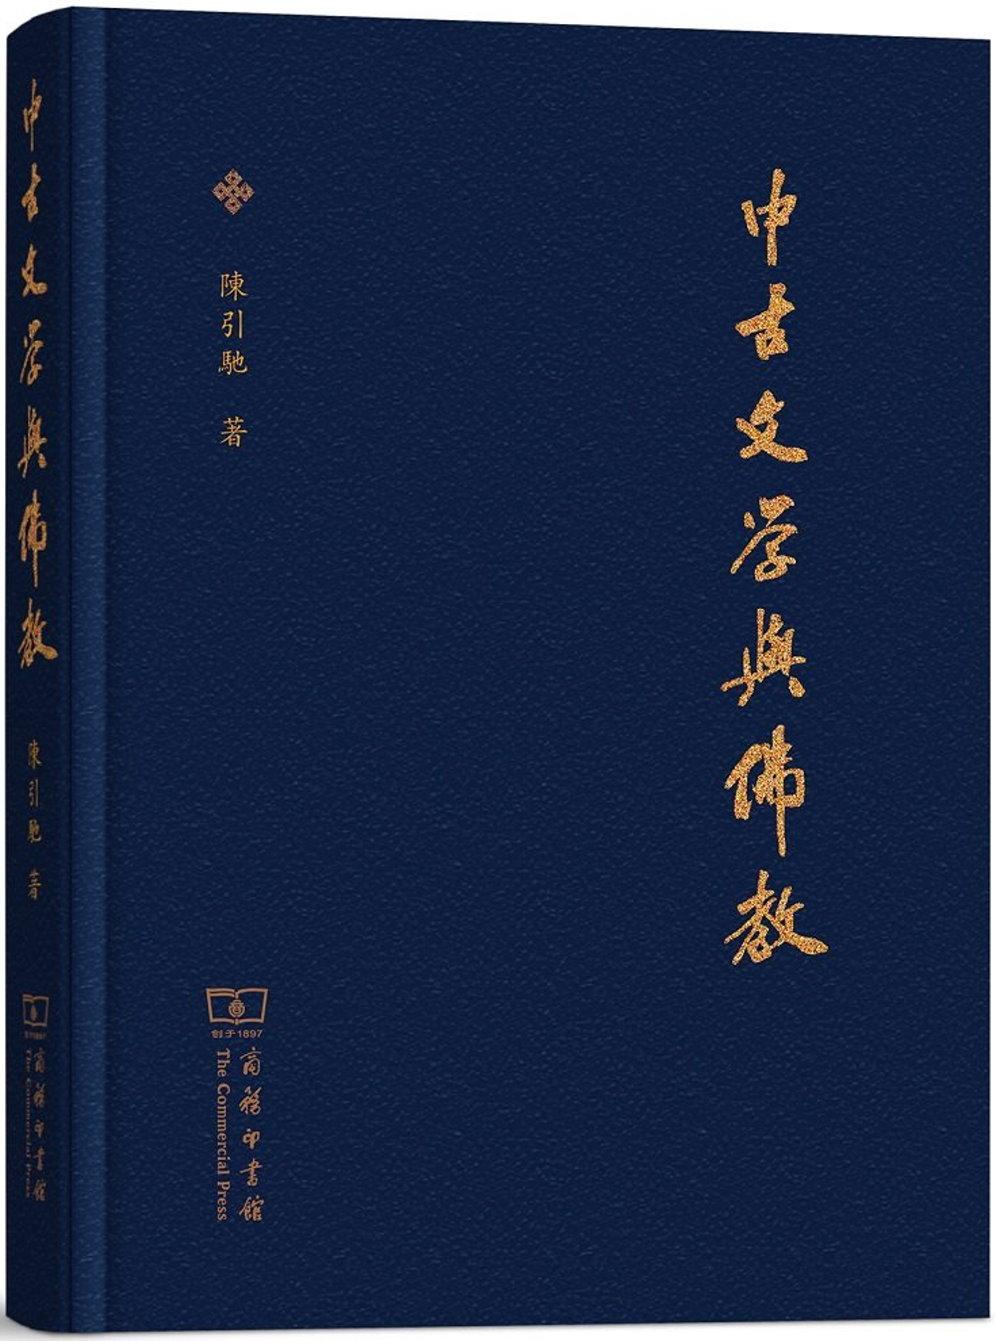 中古文學與佛教